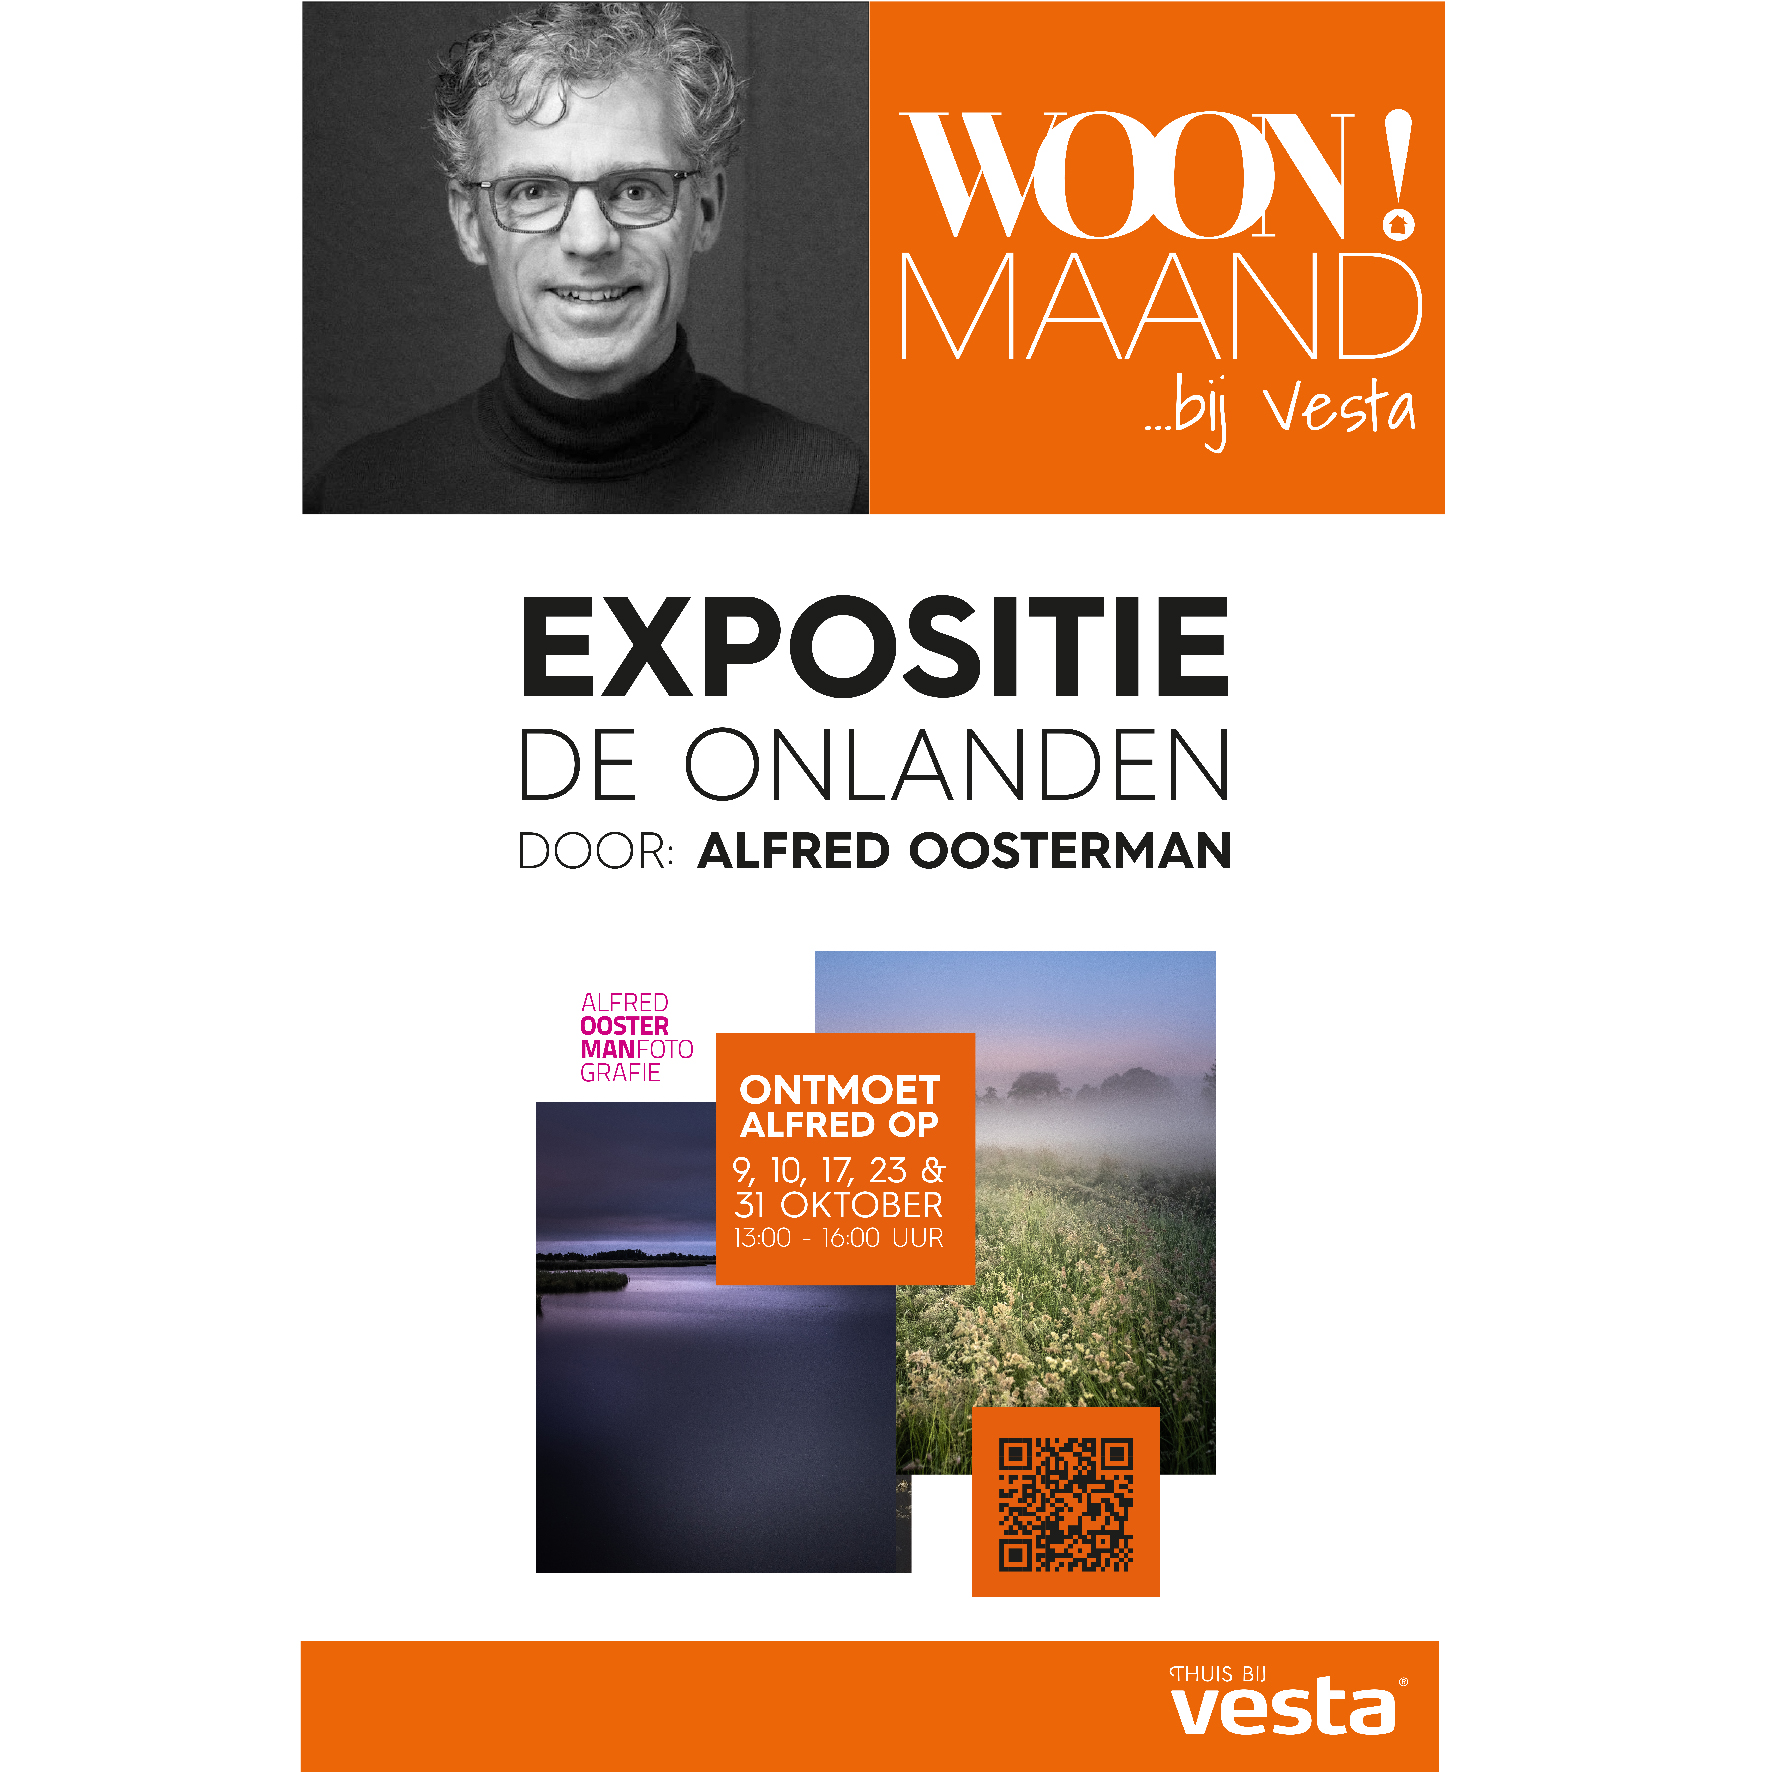 Tijdens de woonmaand bij Vesta in Groningen is de expositie 'de Onlanden' door Alfred Oosterman te zien.